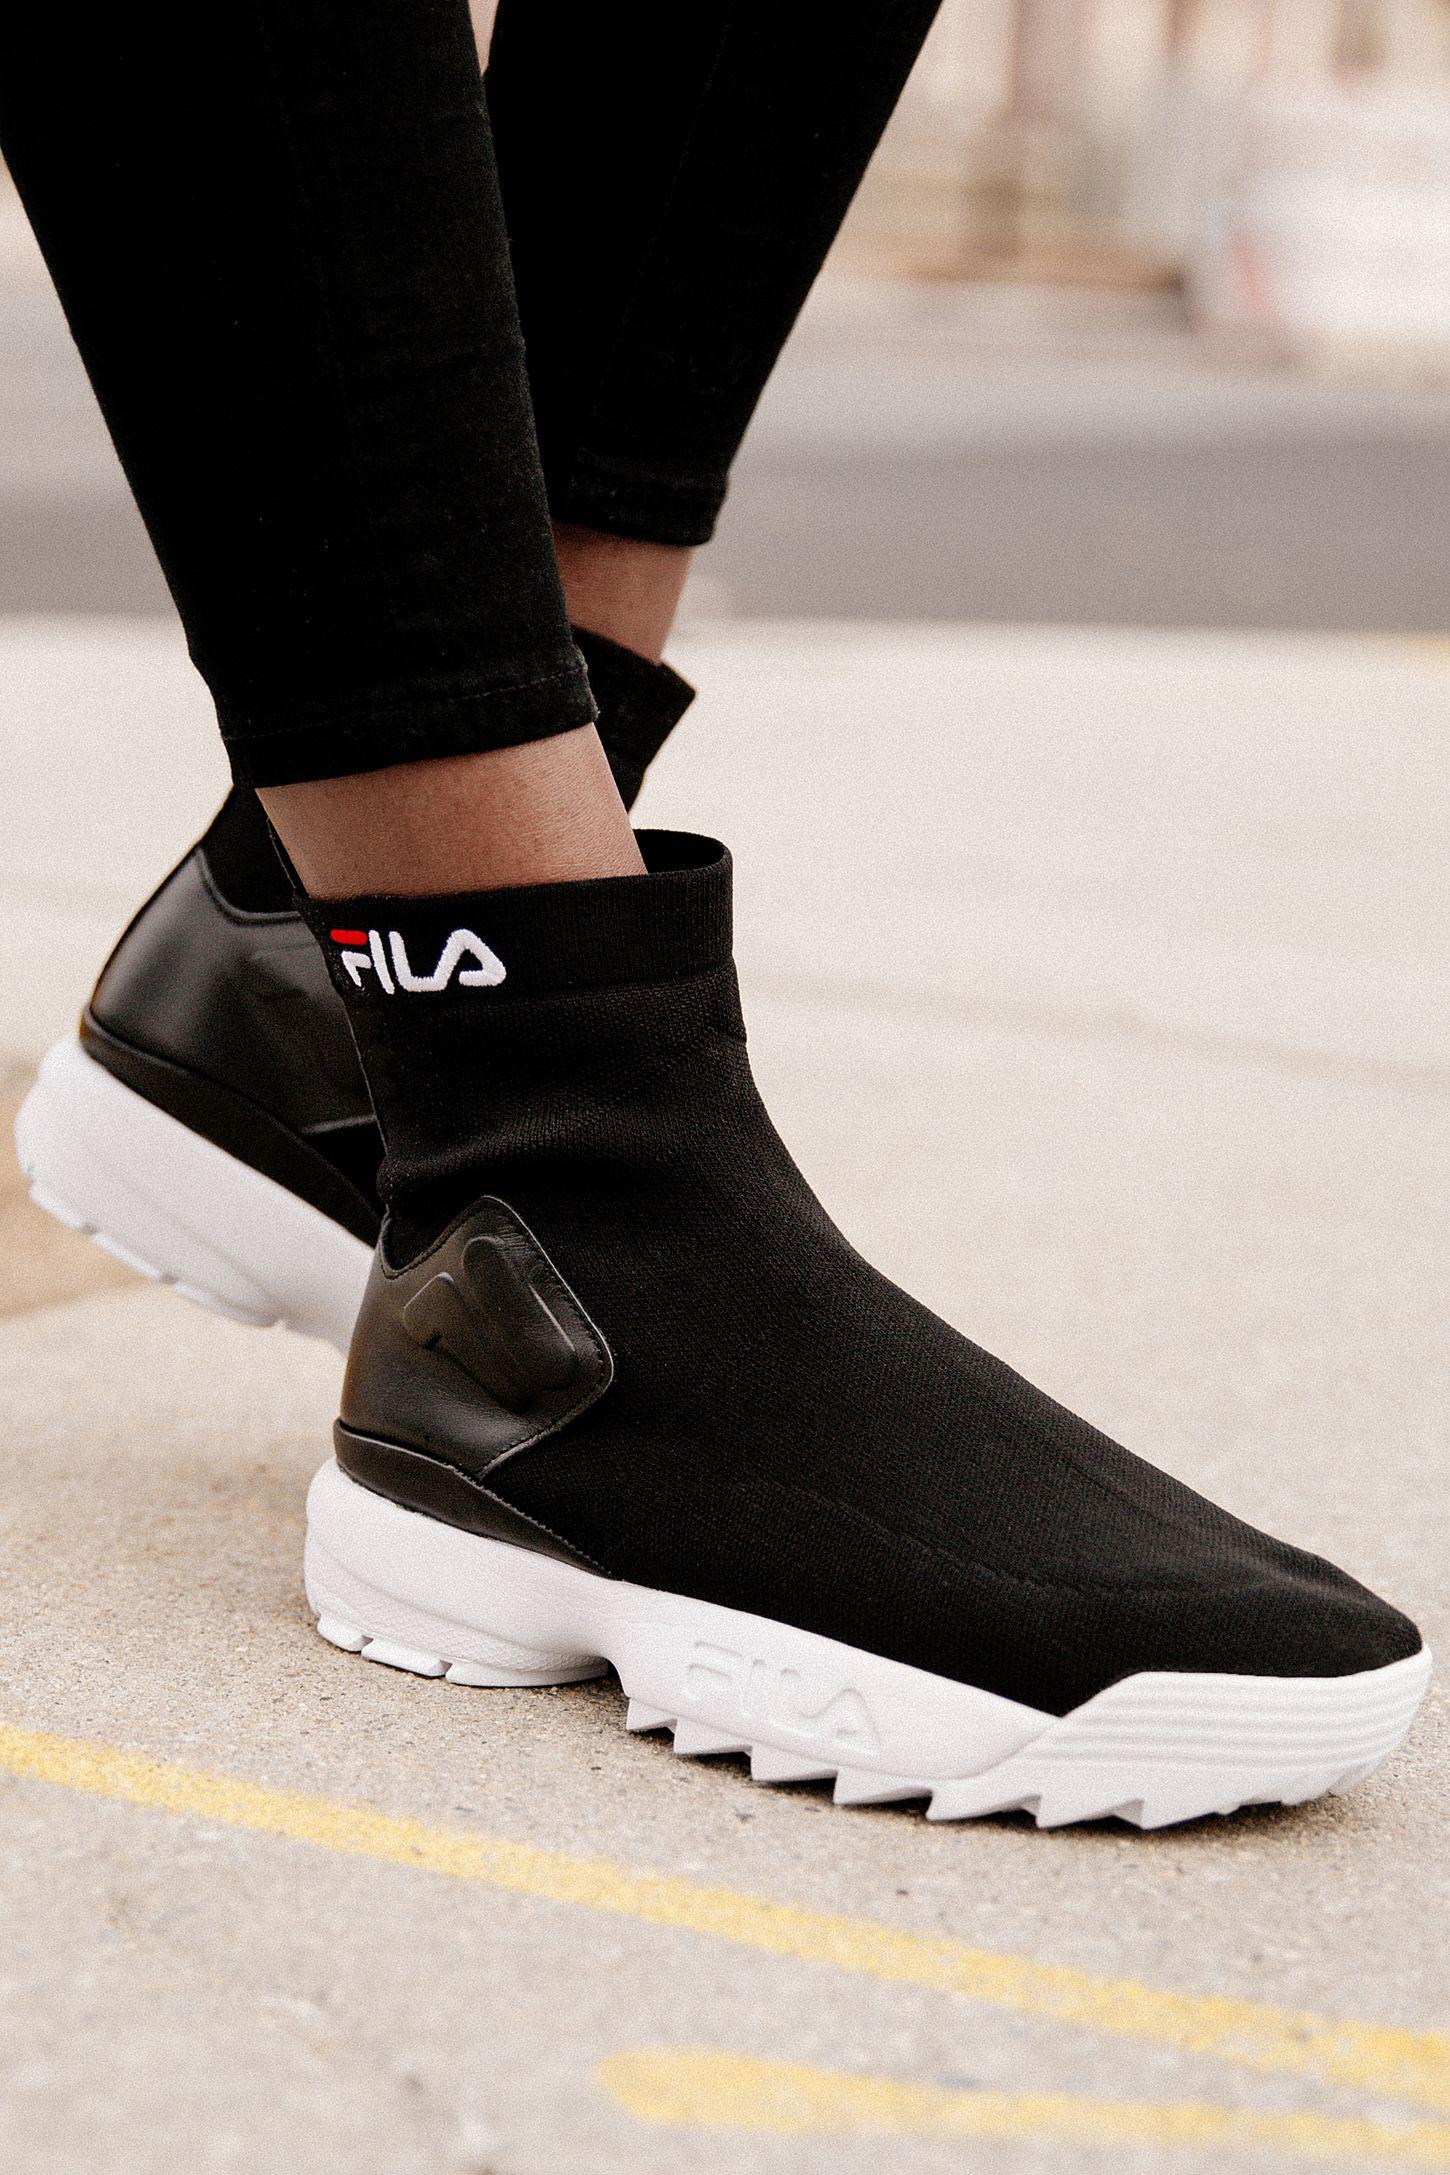 chaussure fila chaussette